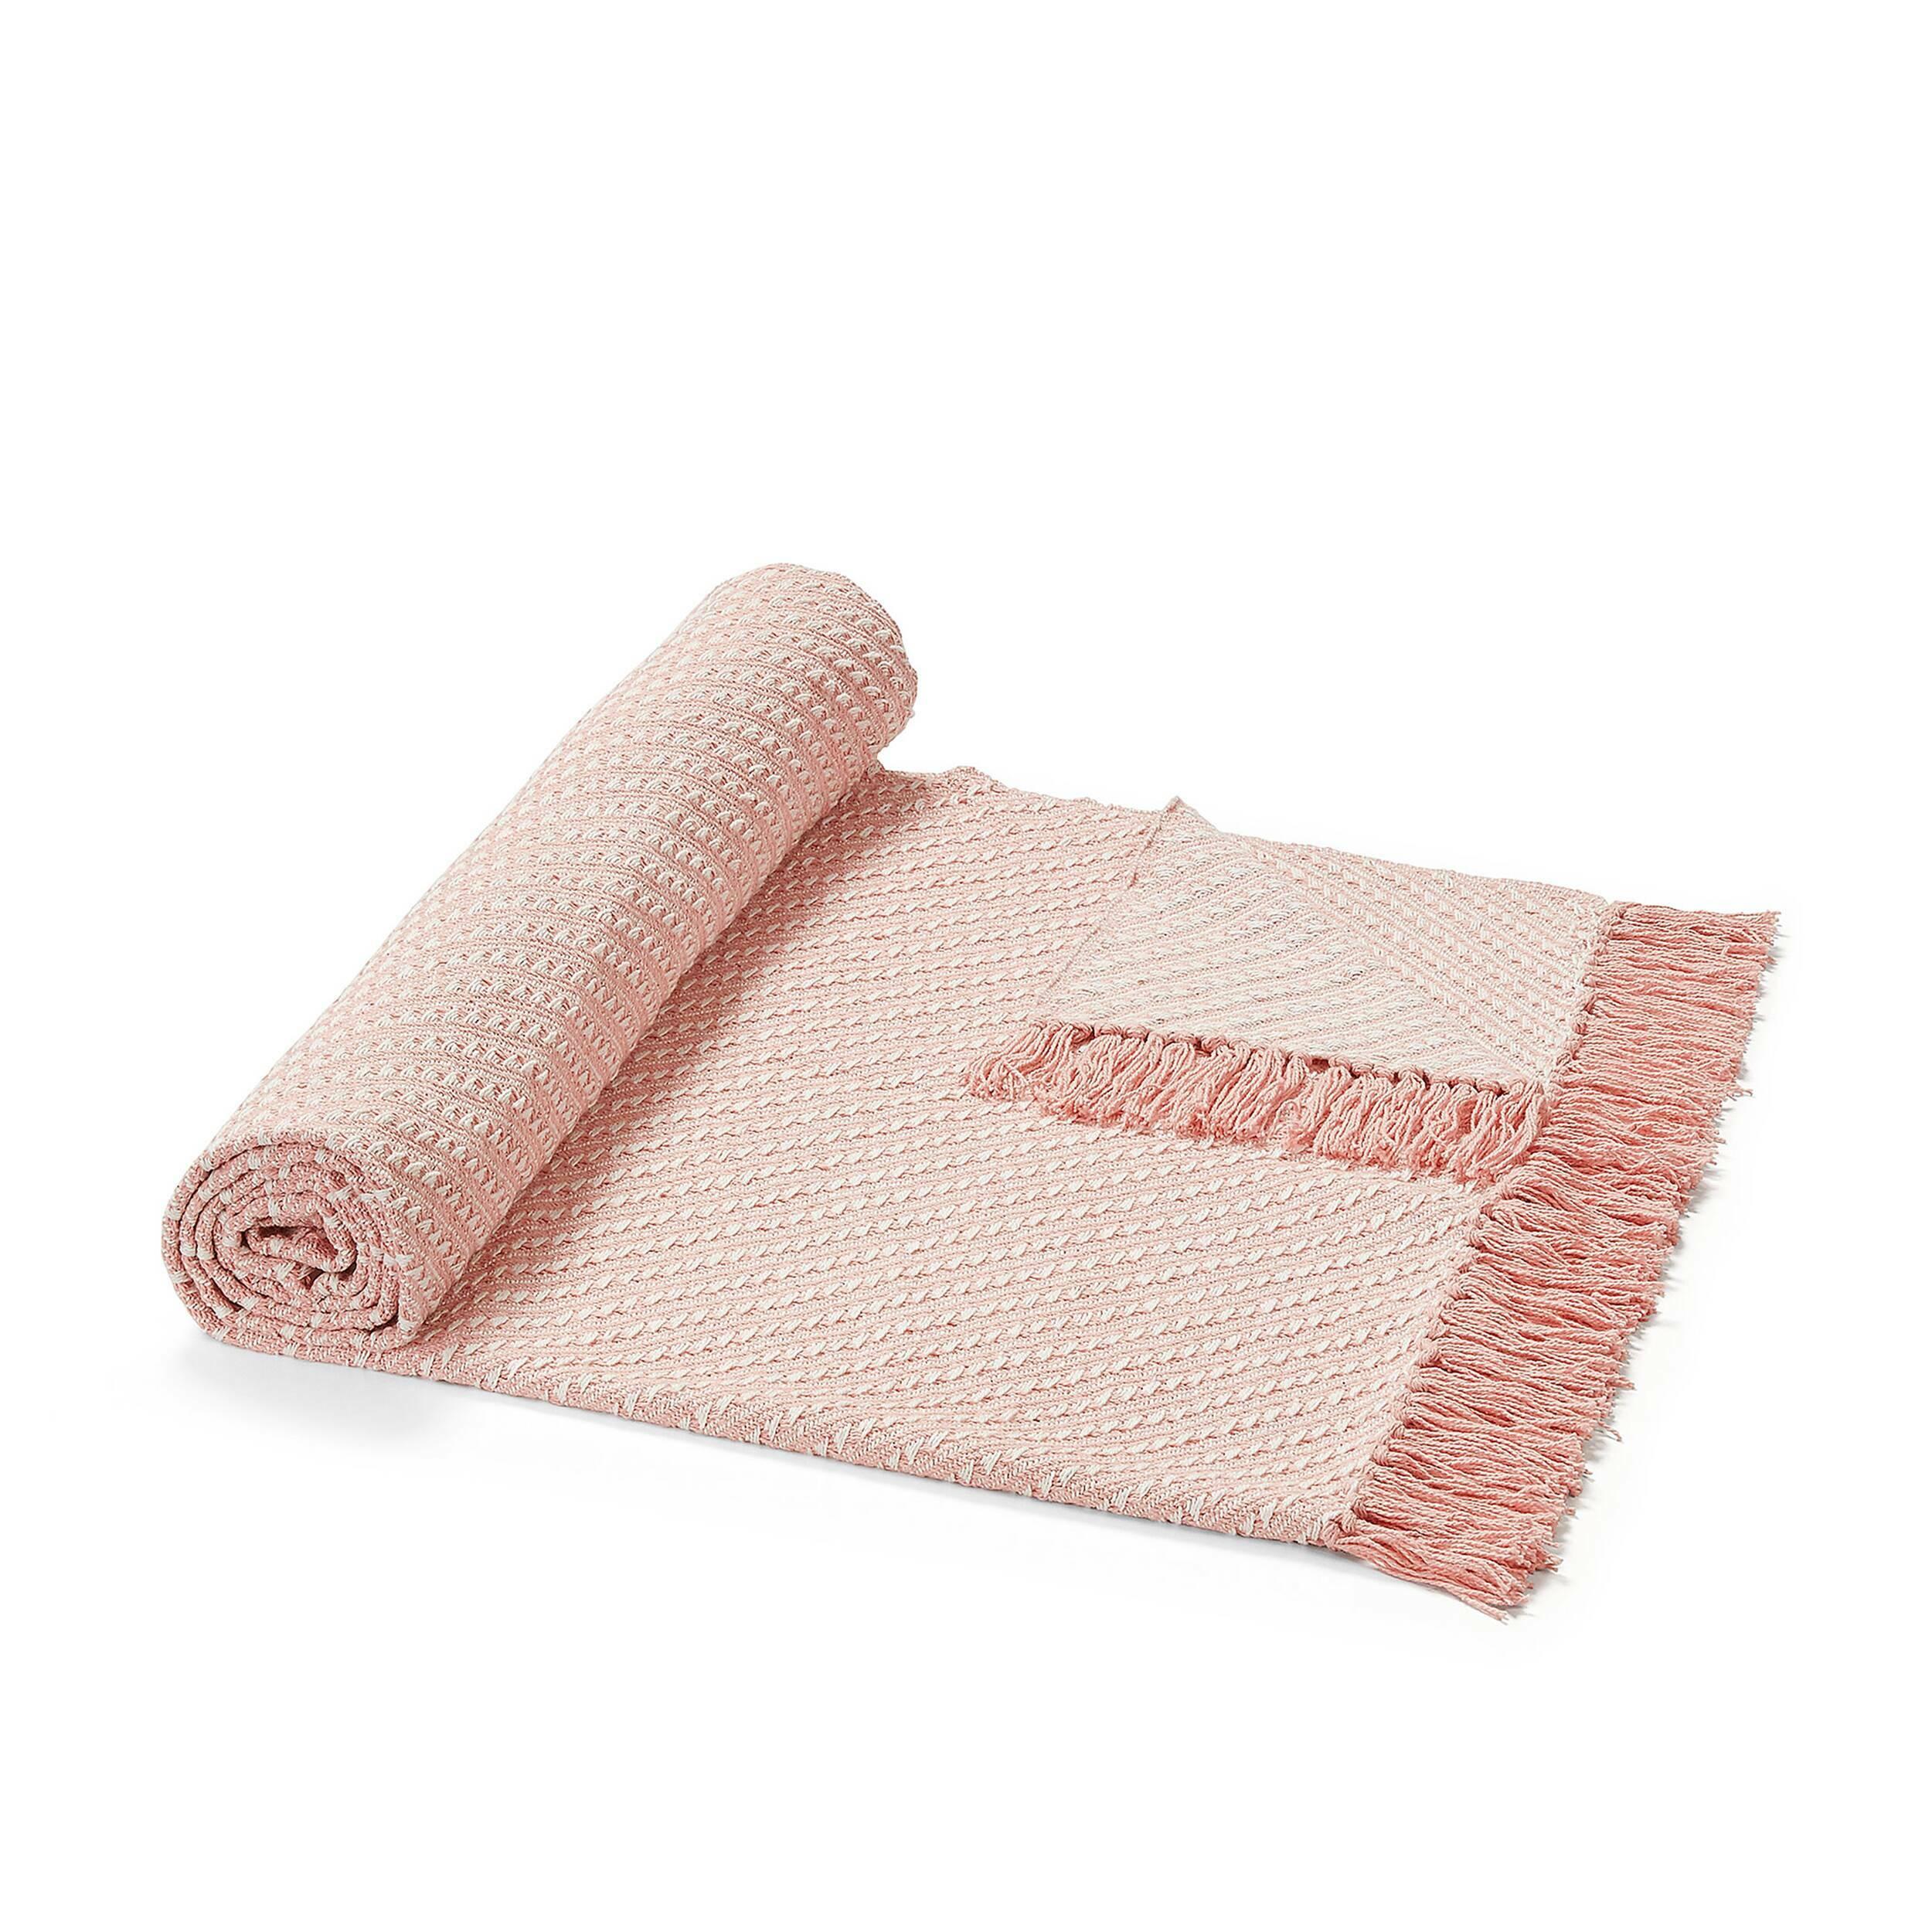 Купить Плед CHEMPS 130x170 розовый, Cosmo, Розовый, Хлопок